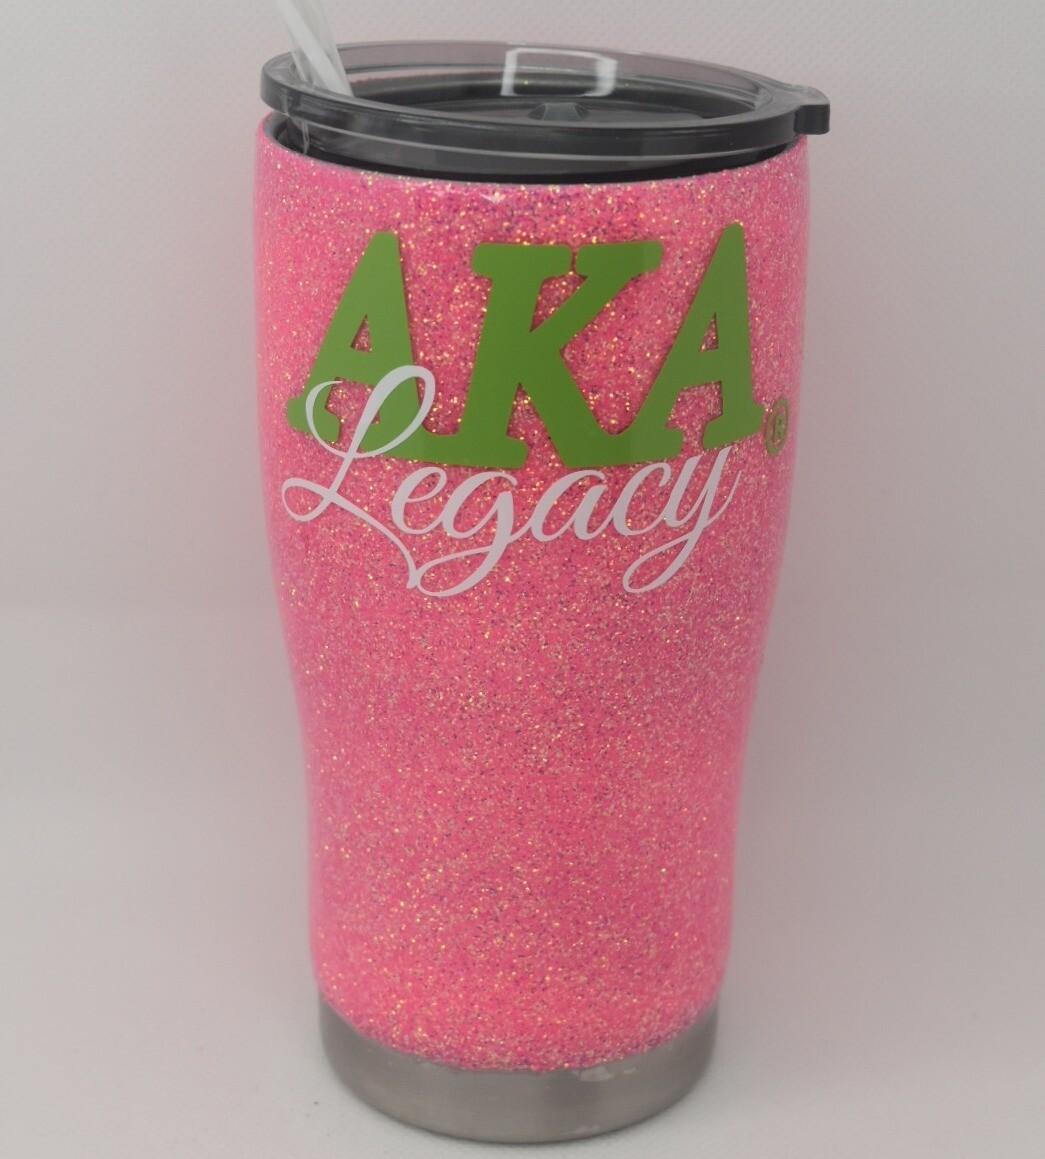 AKA Legacy